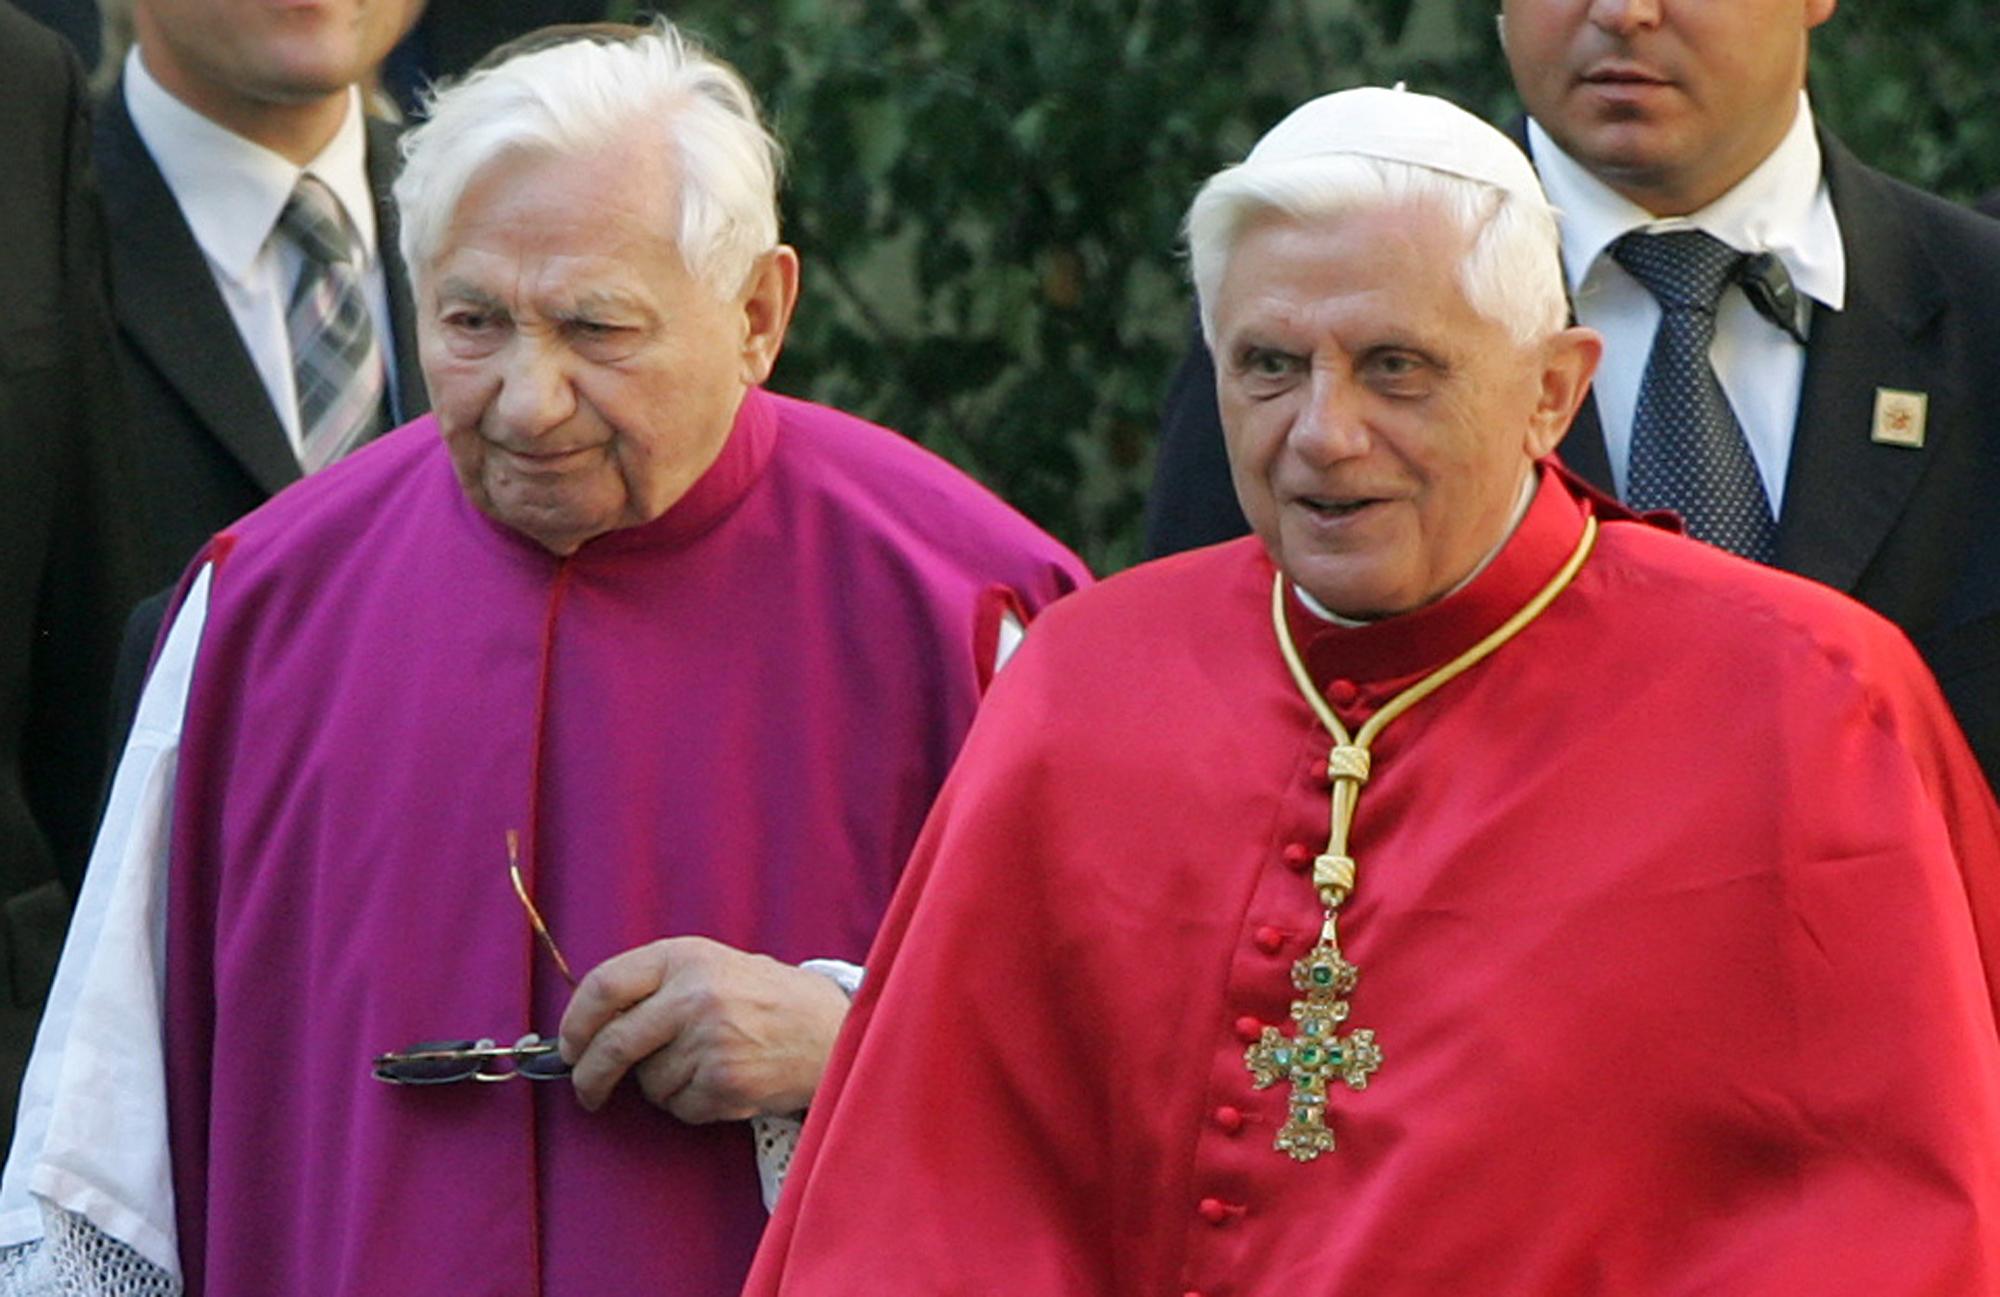 Benedict XVI, Georg Ratzinger